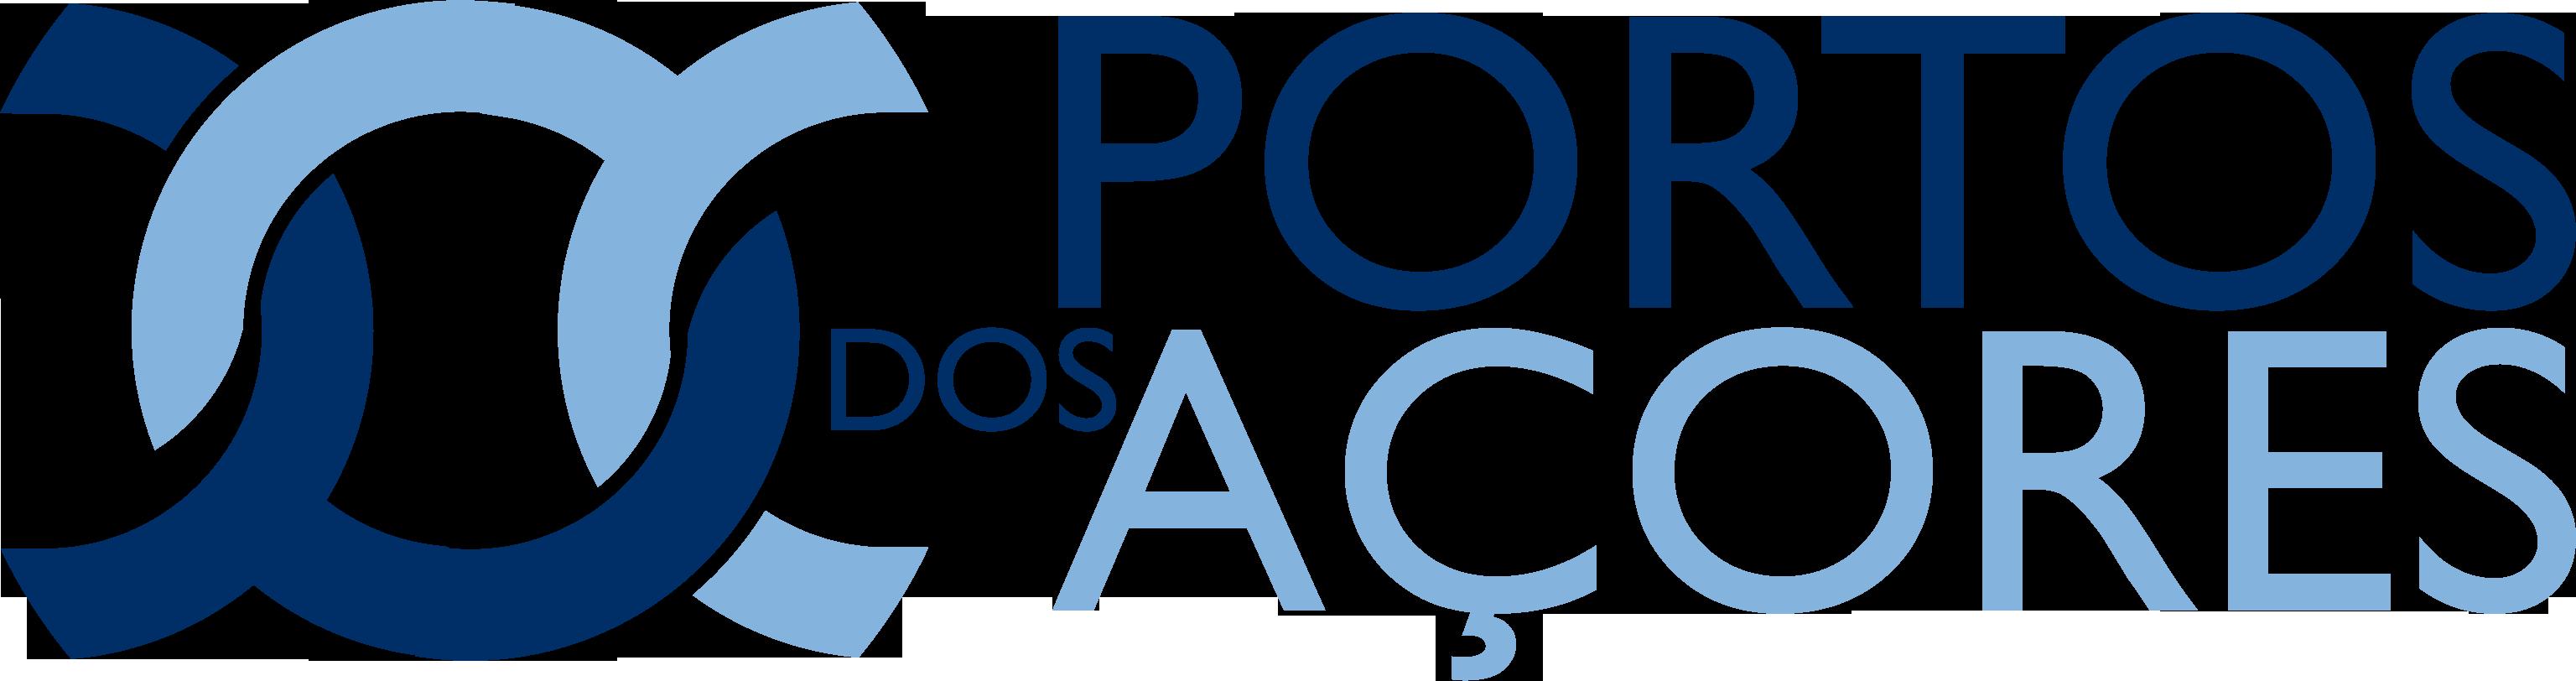 Portos Acores Logo